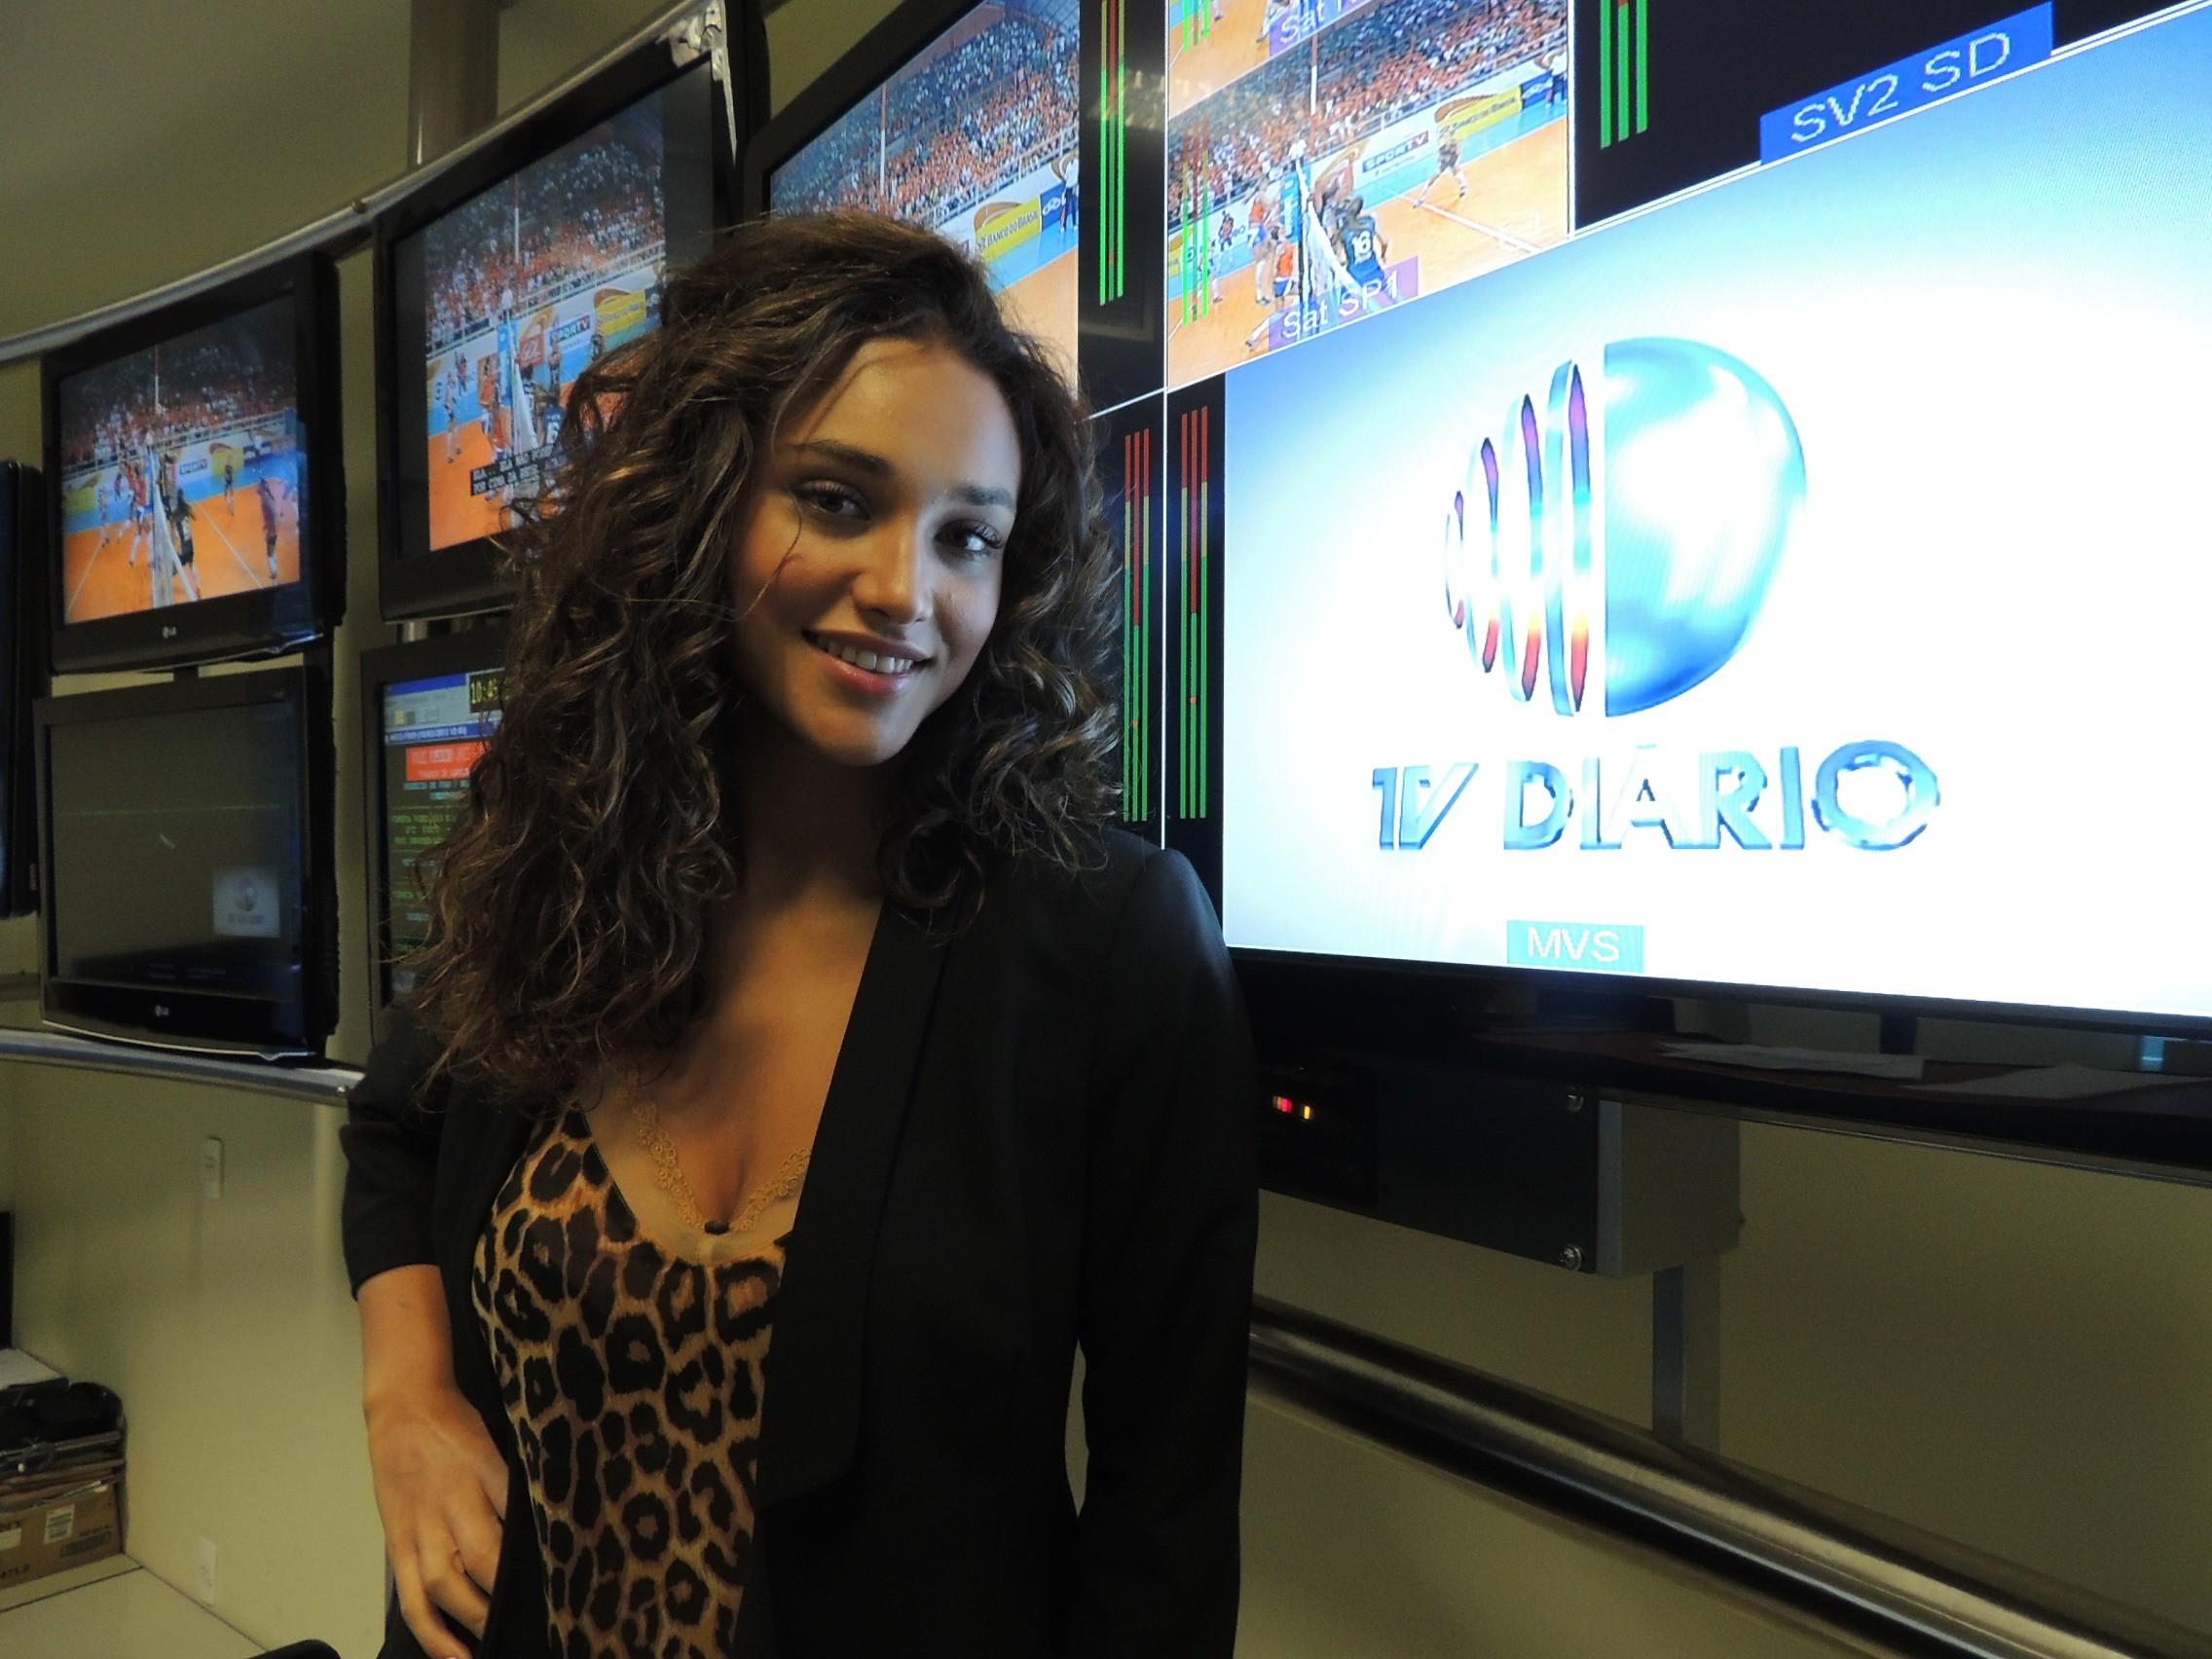 Atriz Débora Nascimento visita TV Diário (Foto: Reprodução / TV Diário)